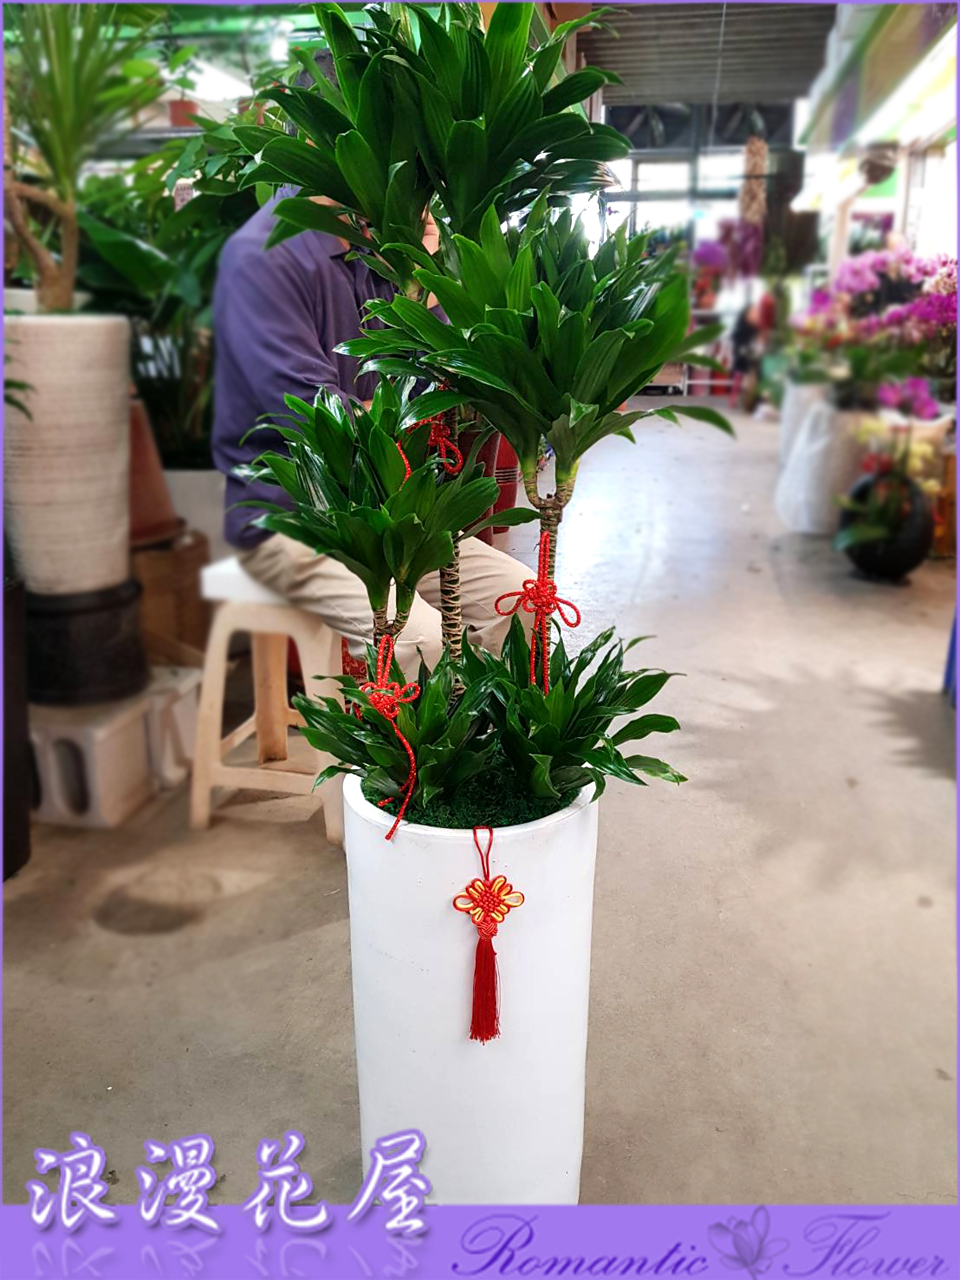 阿波羅盆栽 3-167